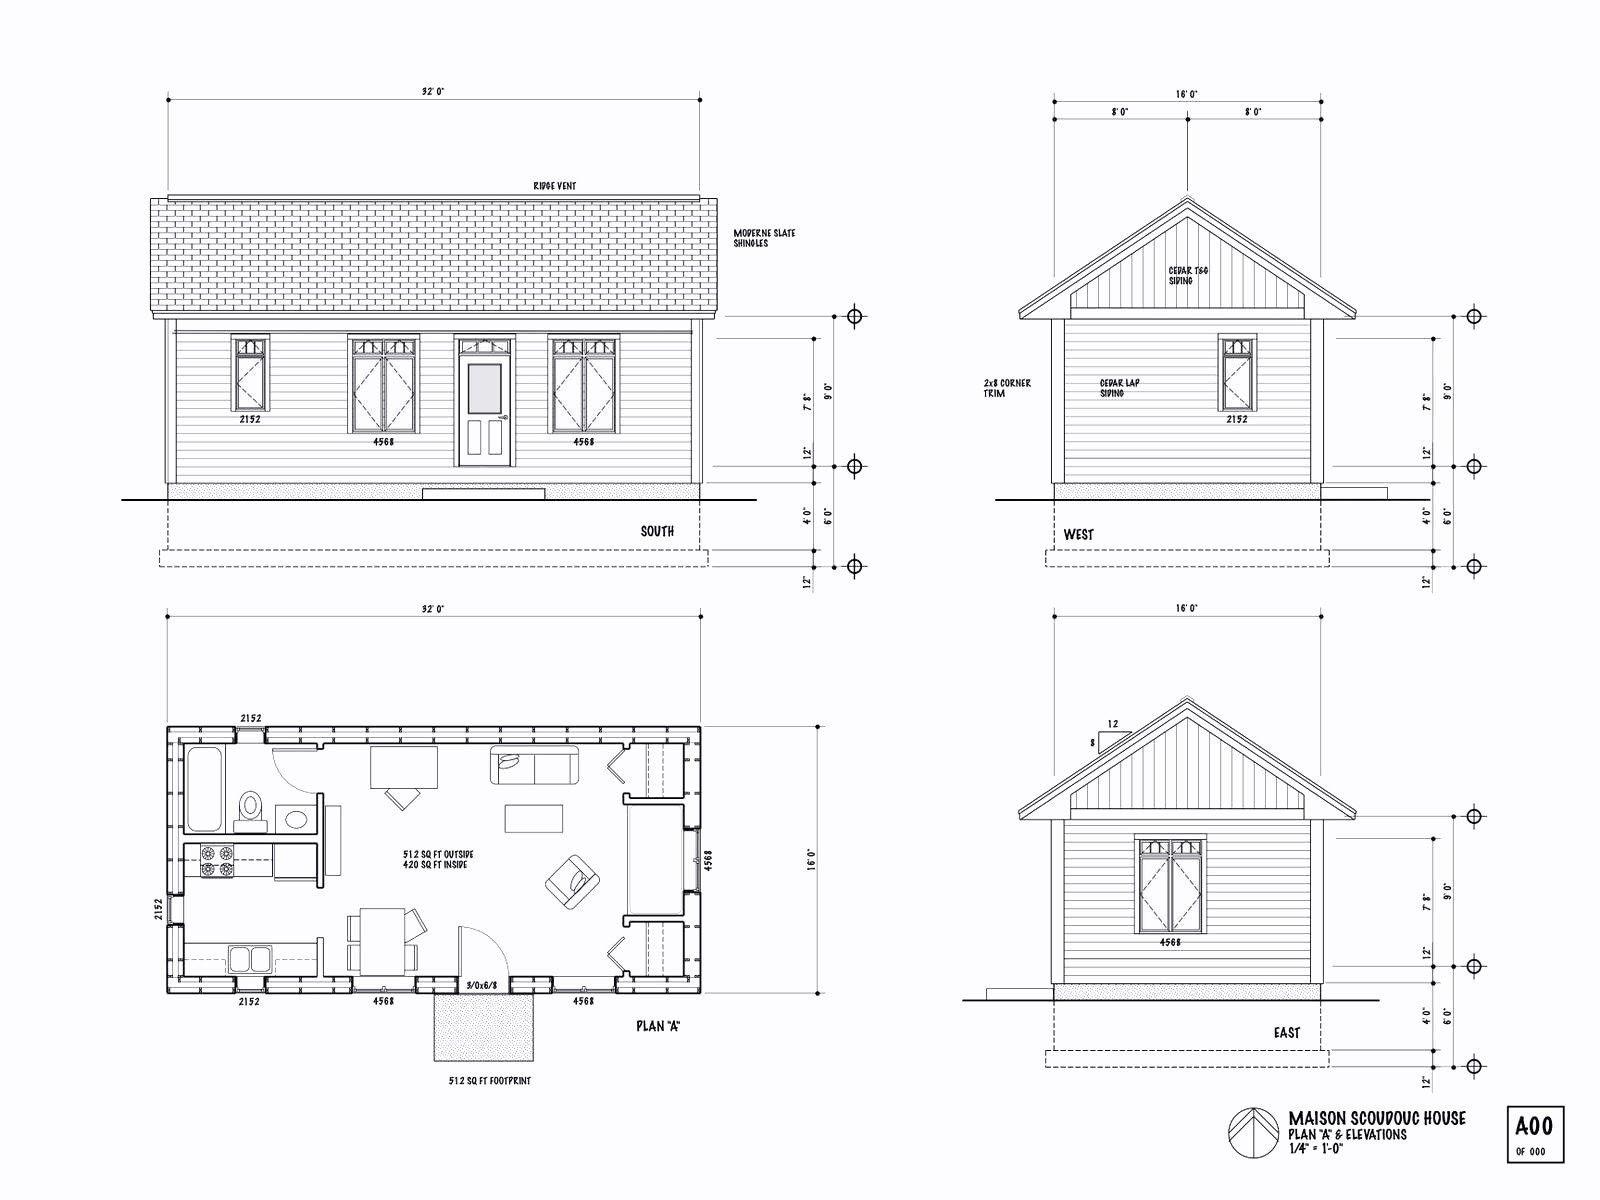 Awesome Dessin De Maison De Luxe Avec Images Plan De Maison Gratuit Plan Maison Logiciel Plan Maison